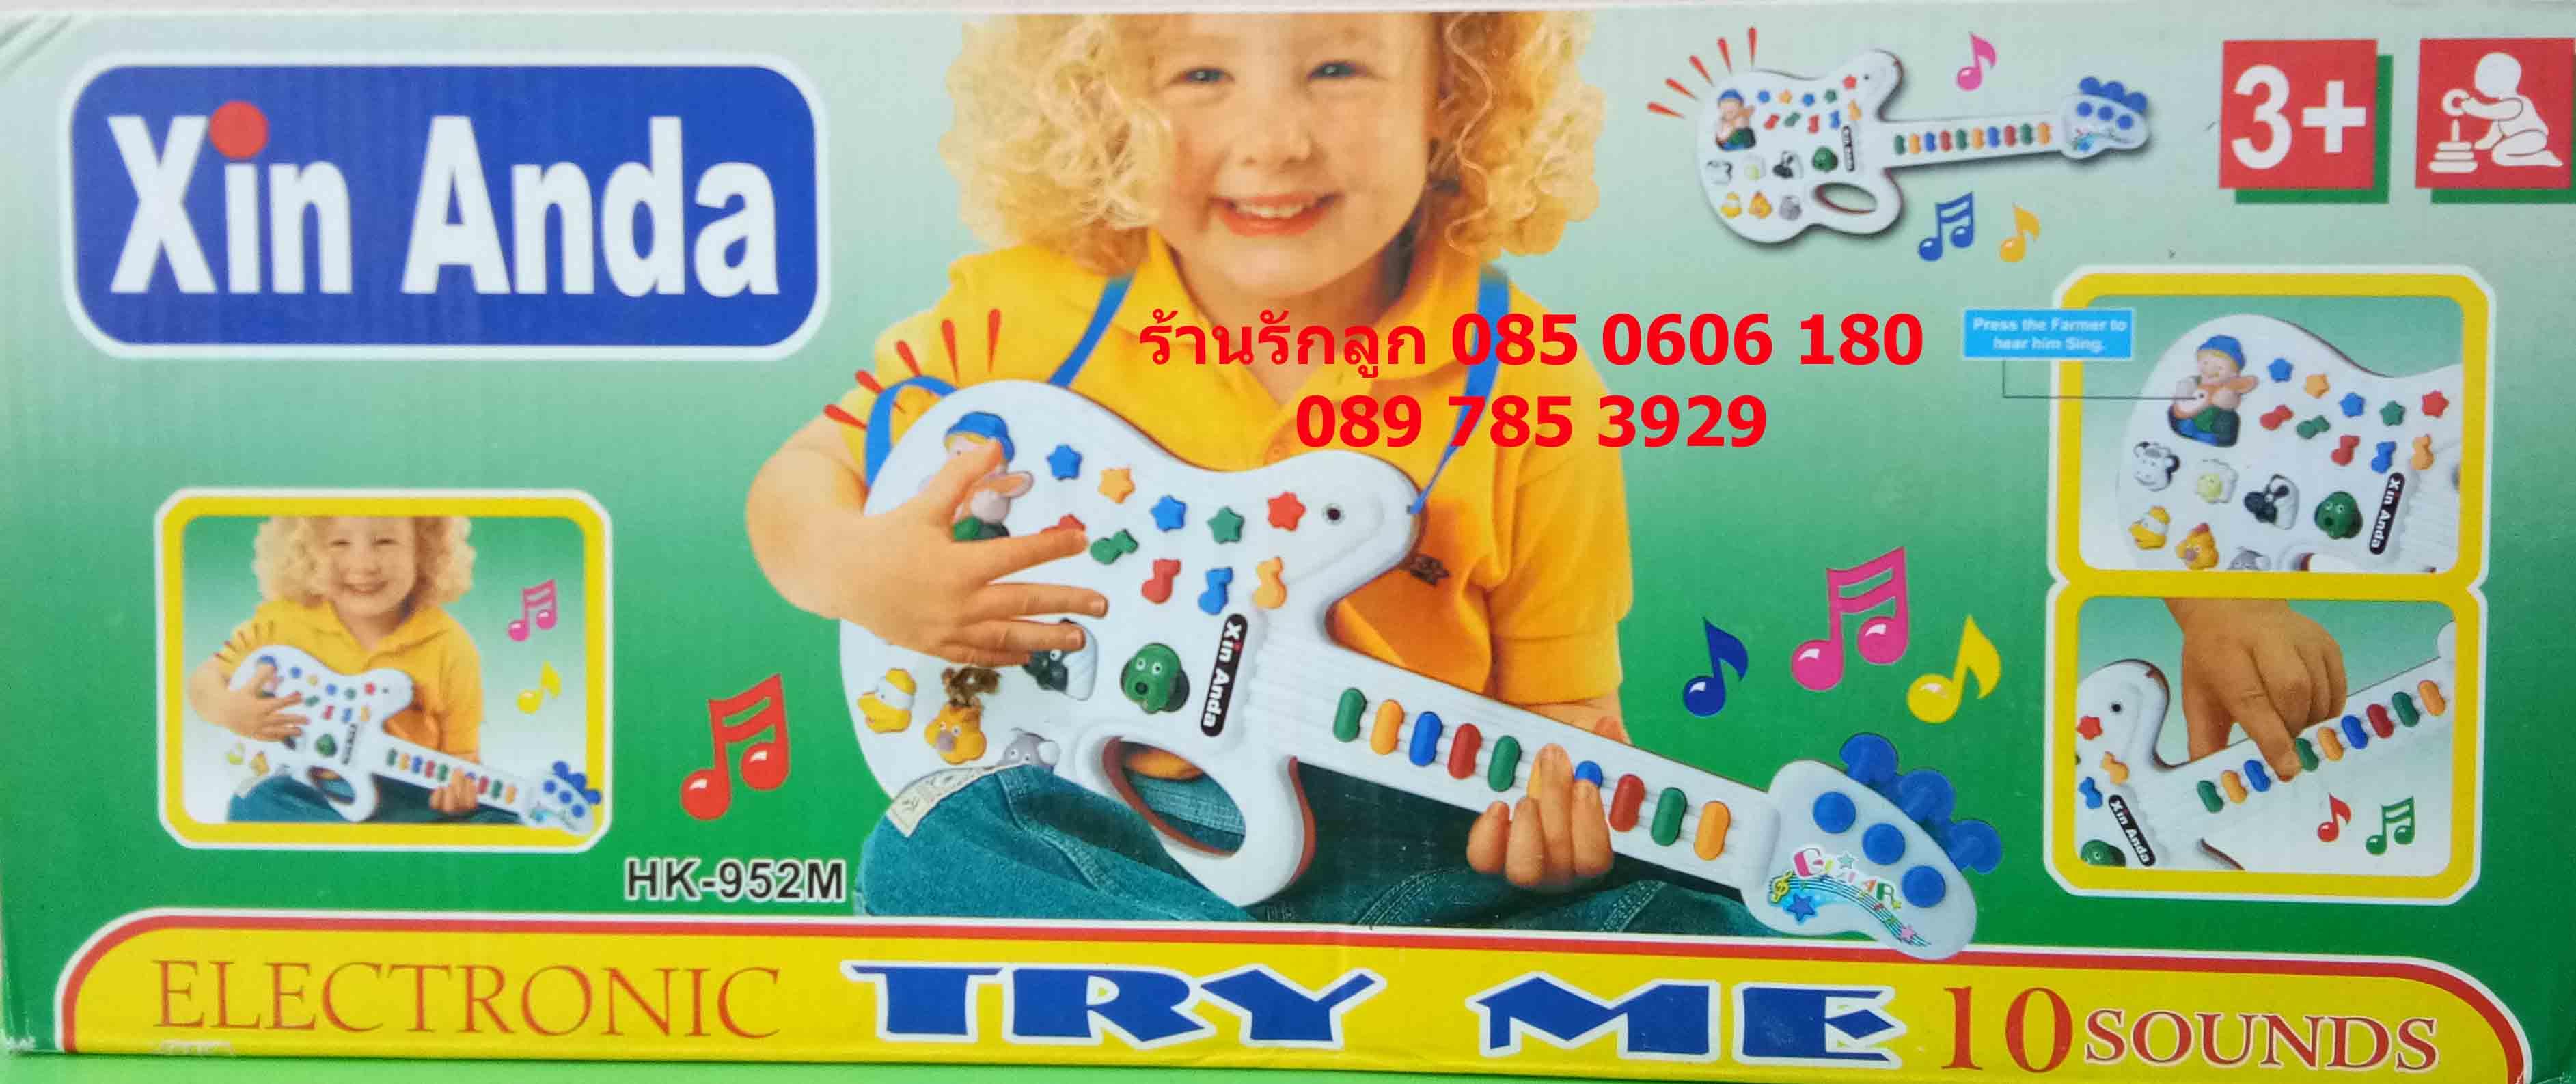 กีต้าร์ของเด็กเล่น เสียงดนตรี เสียงสัตว์